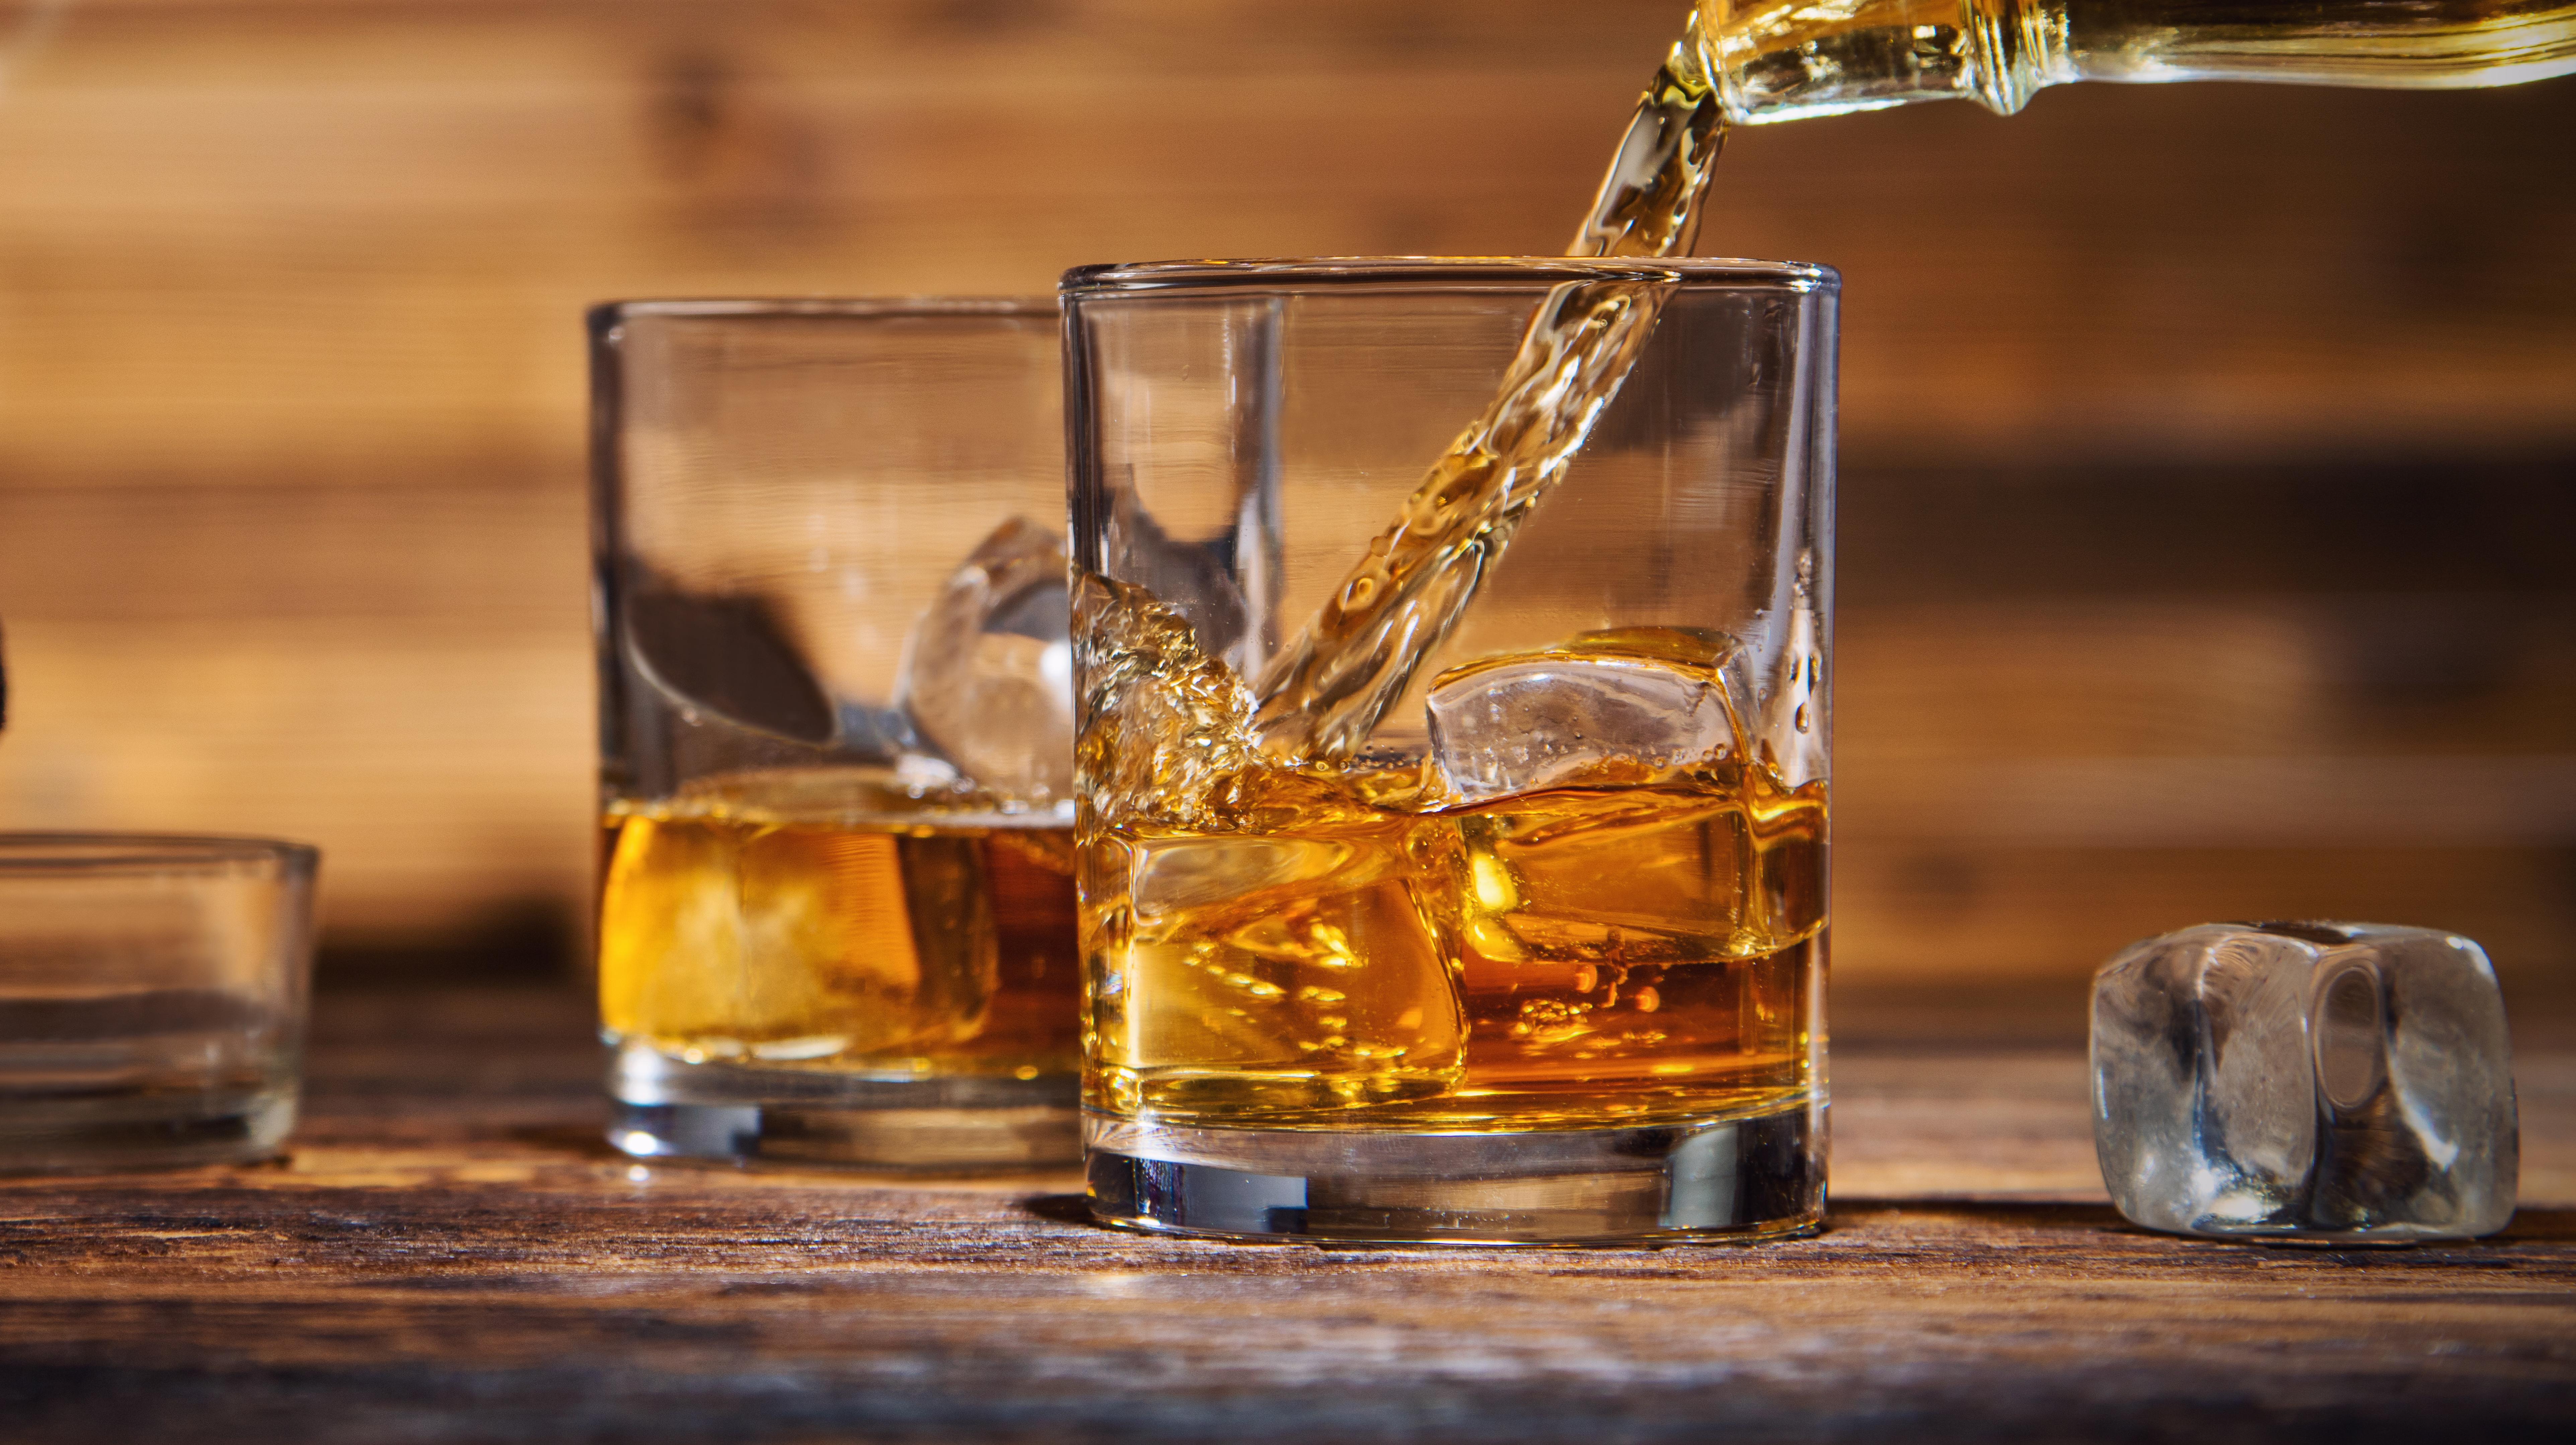 Migliori bicchieri da whisky 2020: Guida all'acquisto